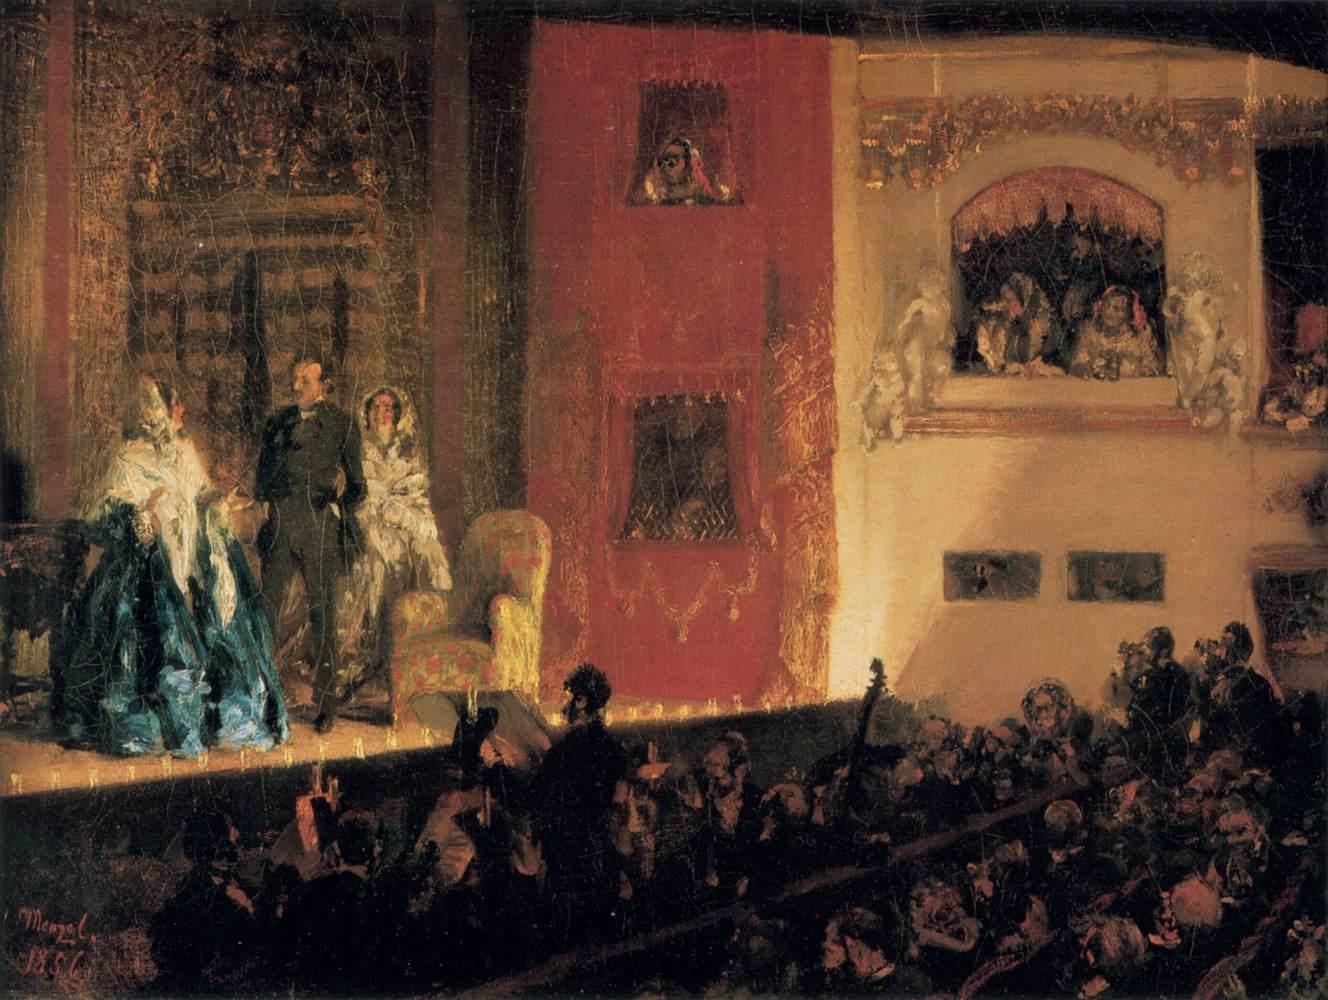 Адольф Фридрих Эрдман фон Менцель. Театр Жимназ. 1856